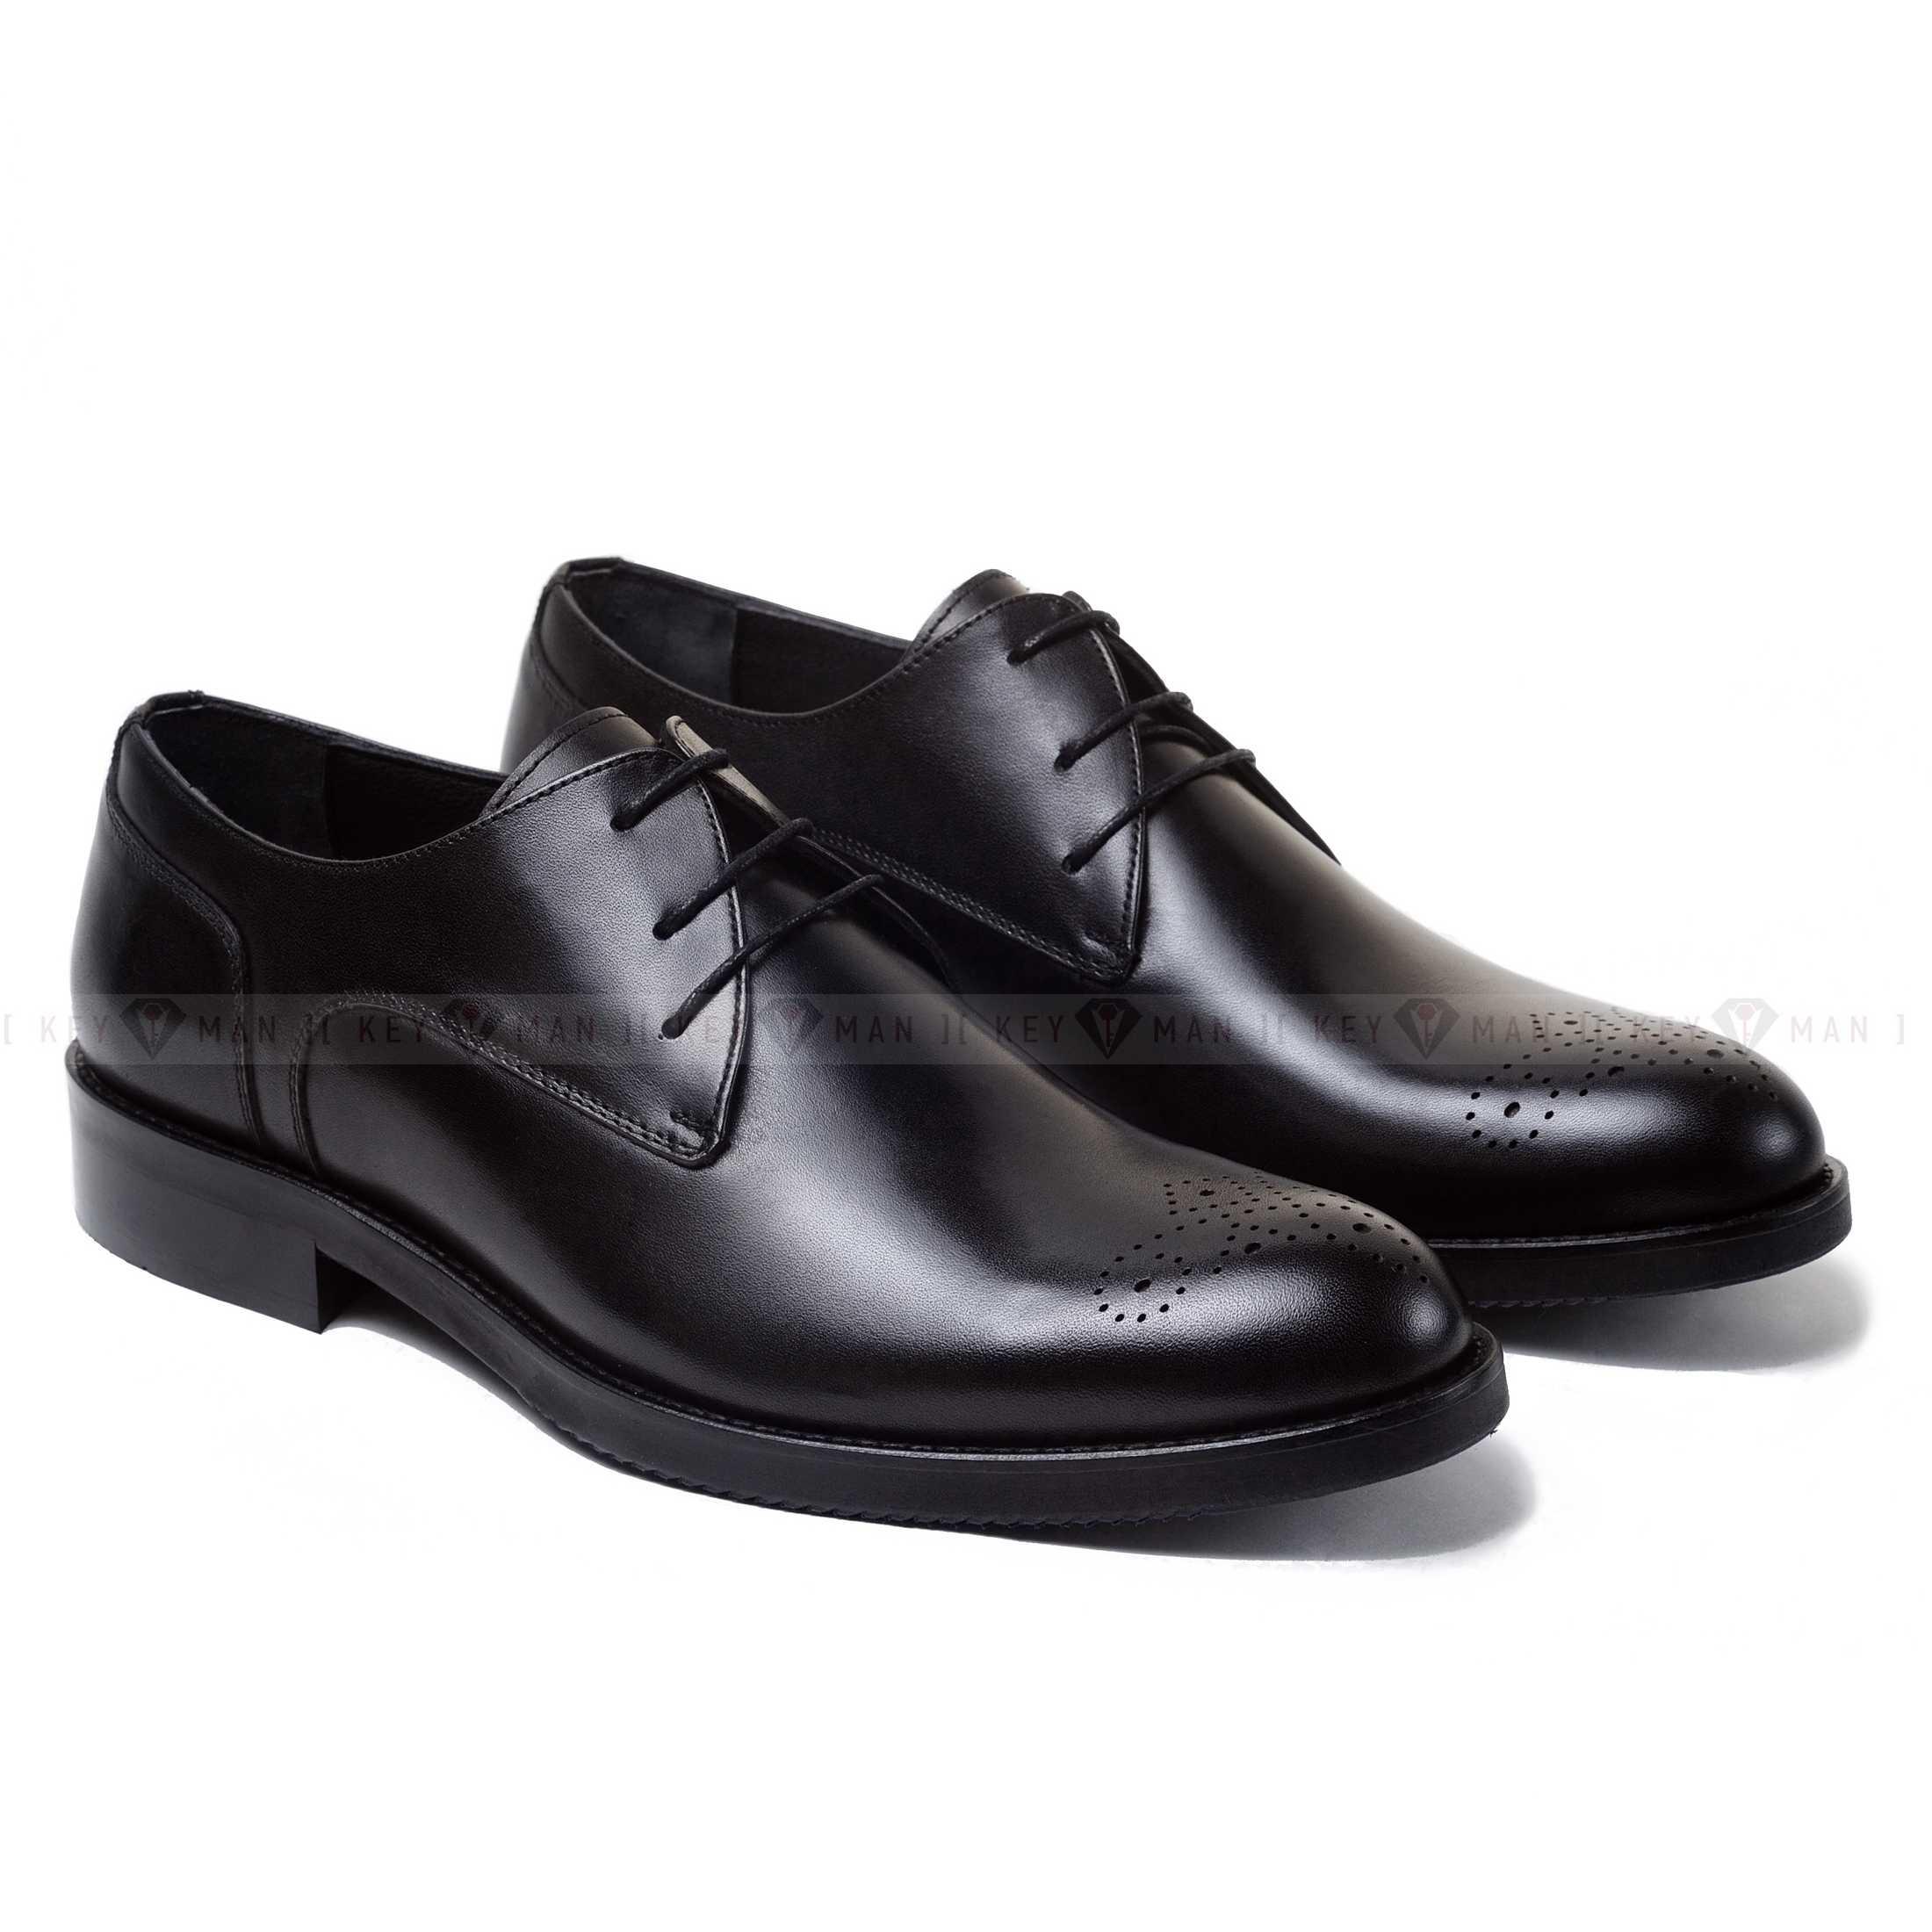 Туфли мужские чукка черные с медальоном на мыске обуви